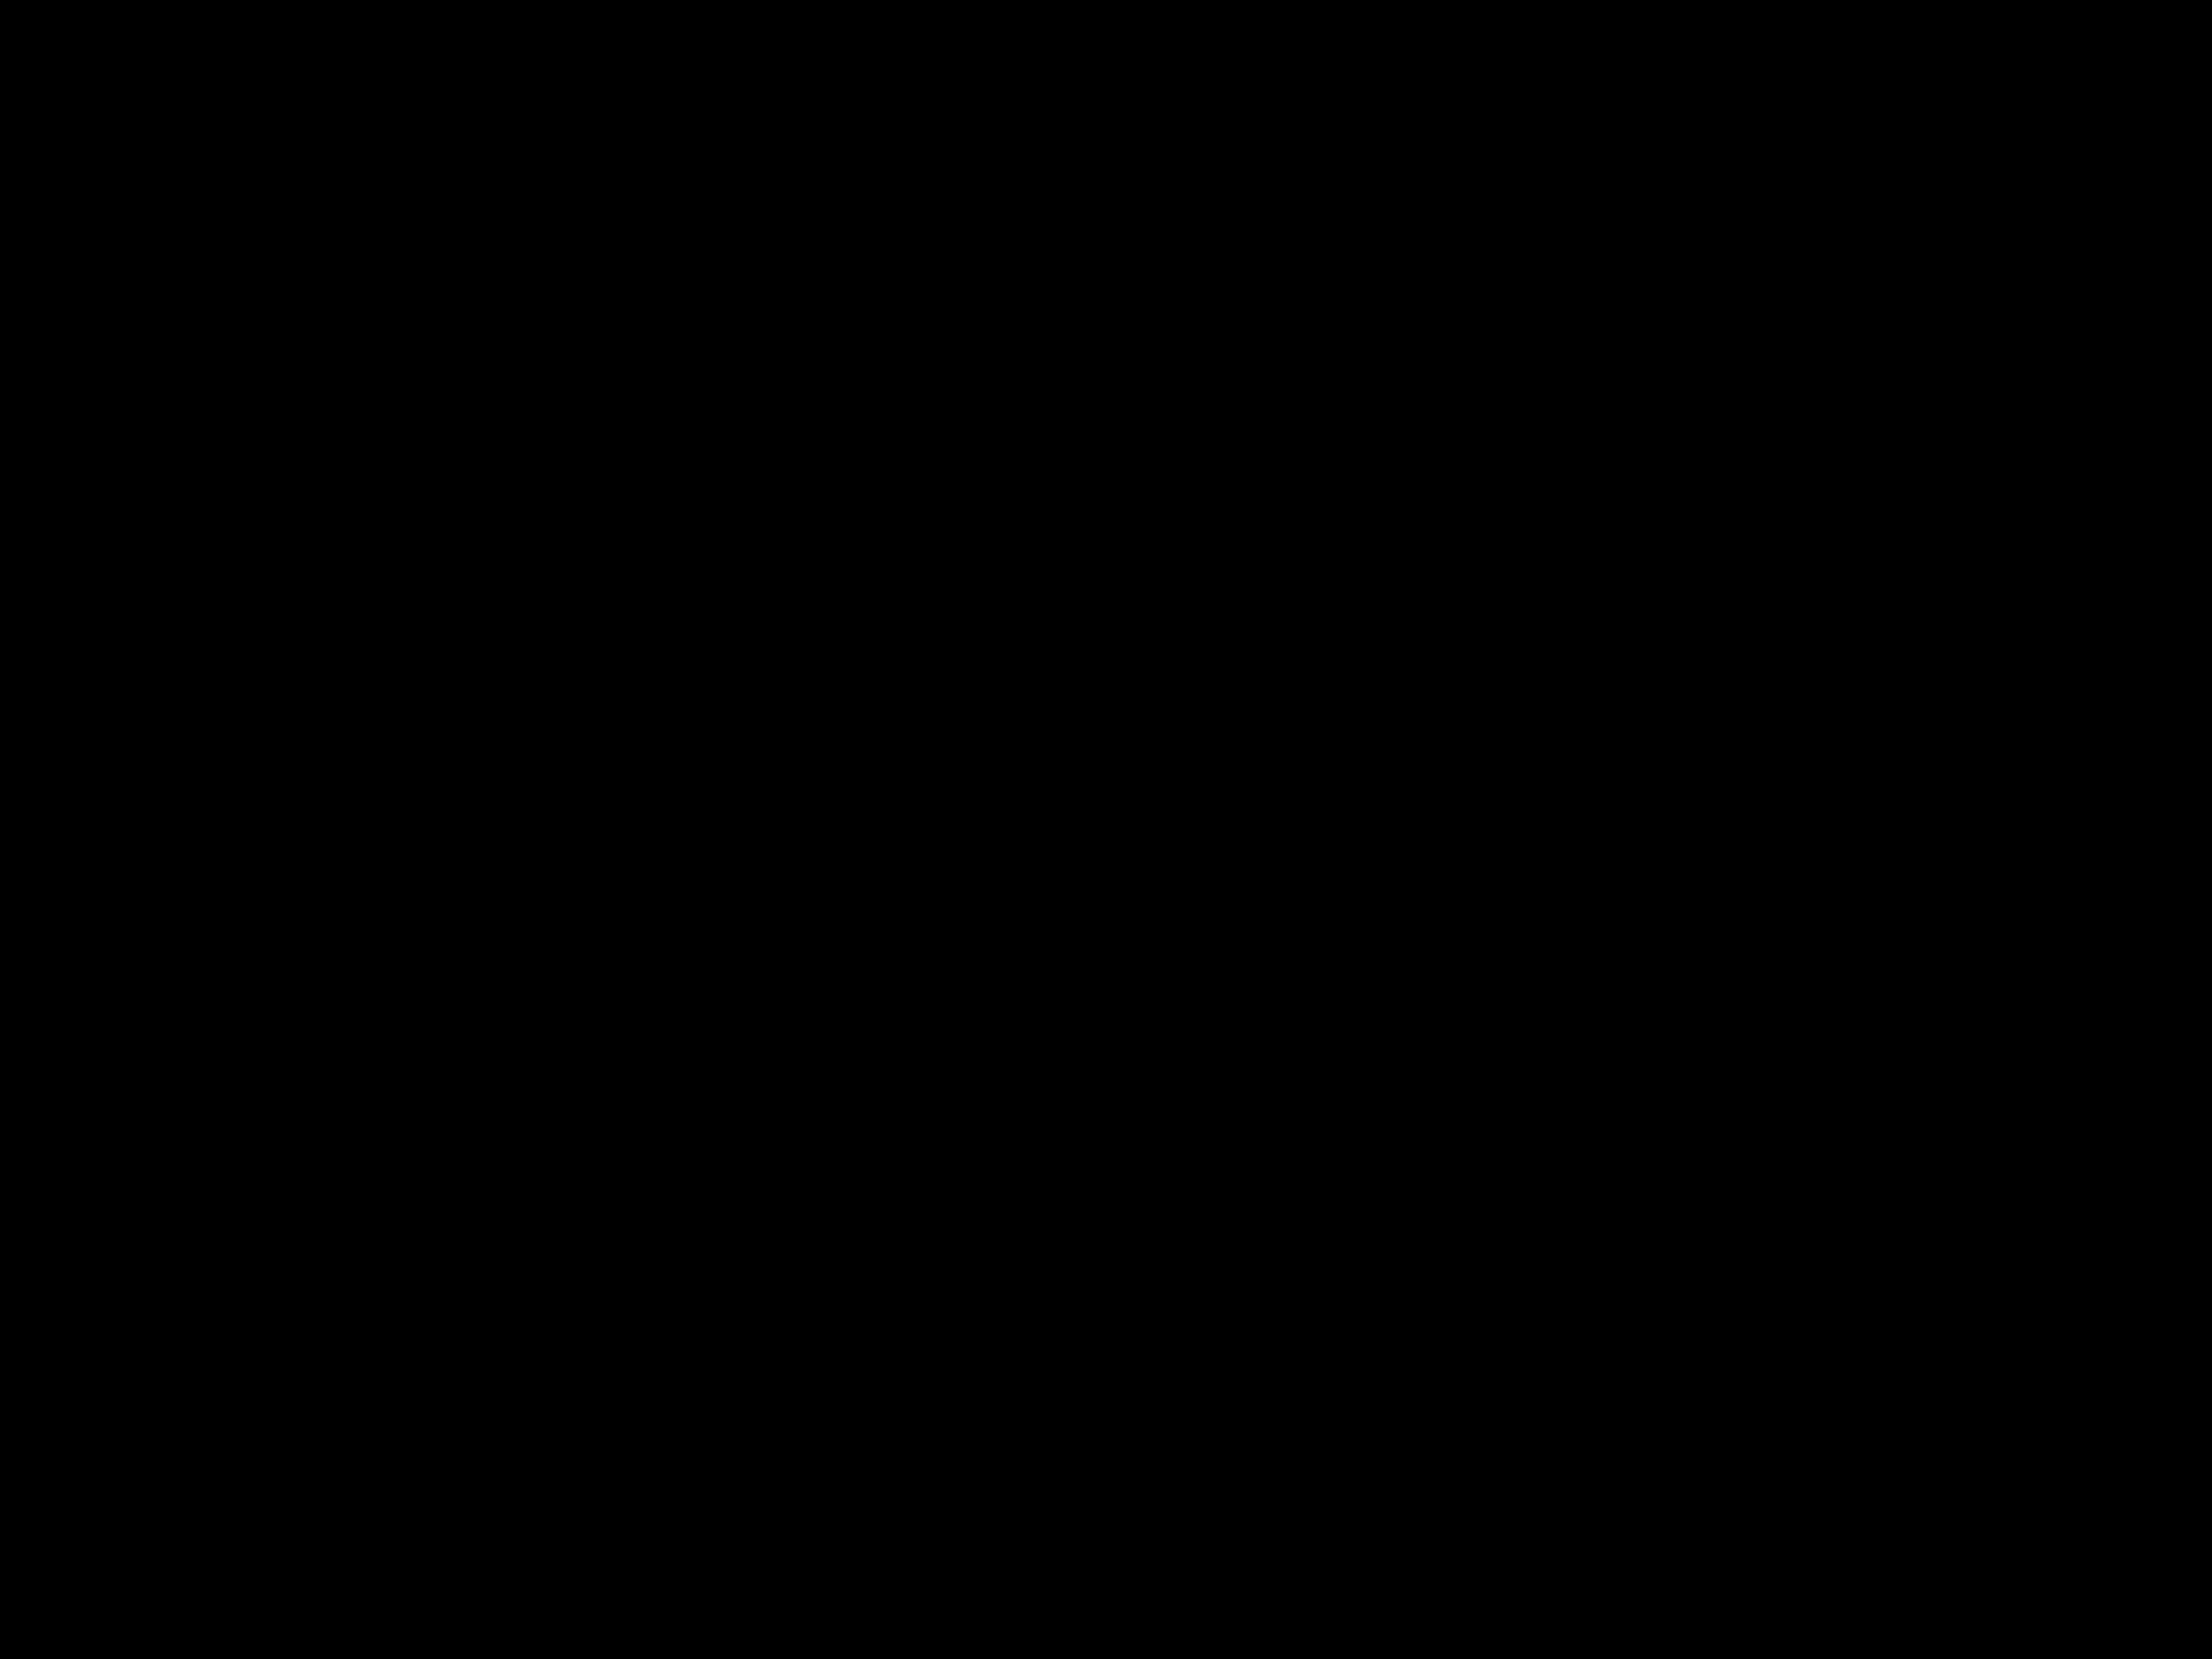 Ốc hút một món ăn không thể bỏ qua khi đến Đà Nẵng